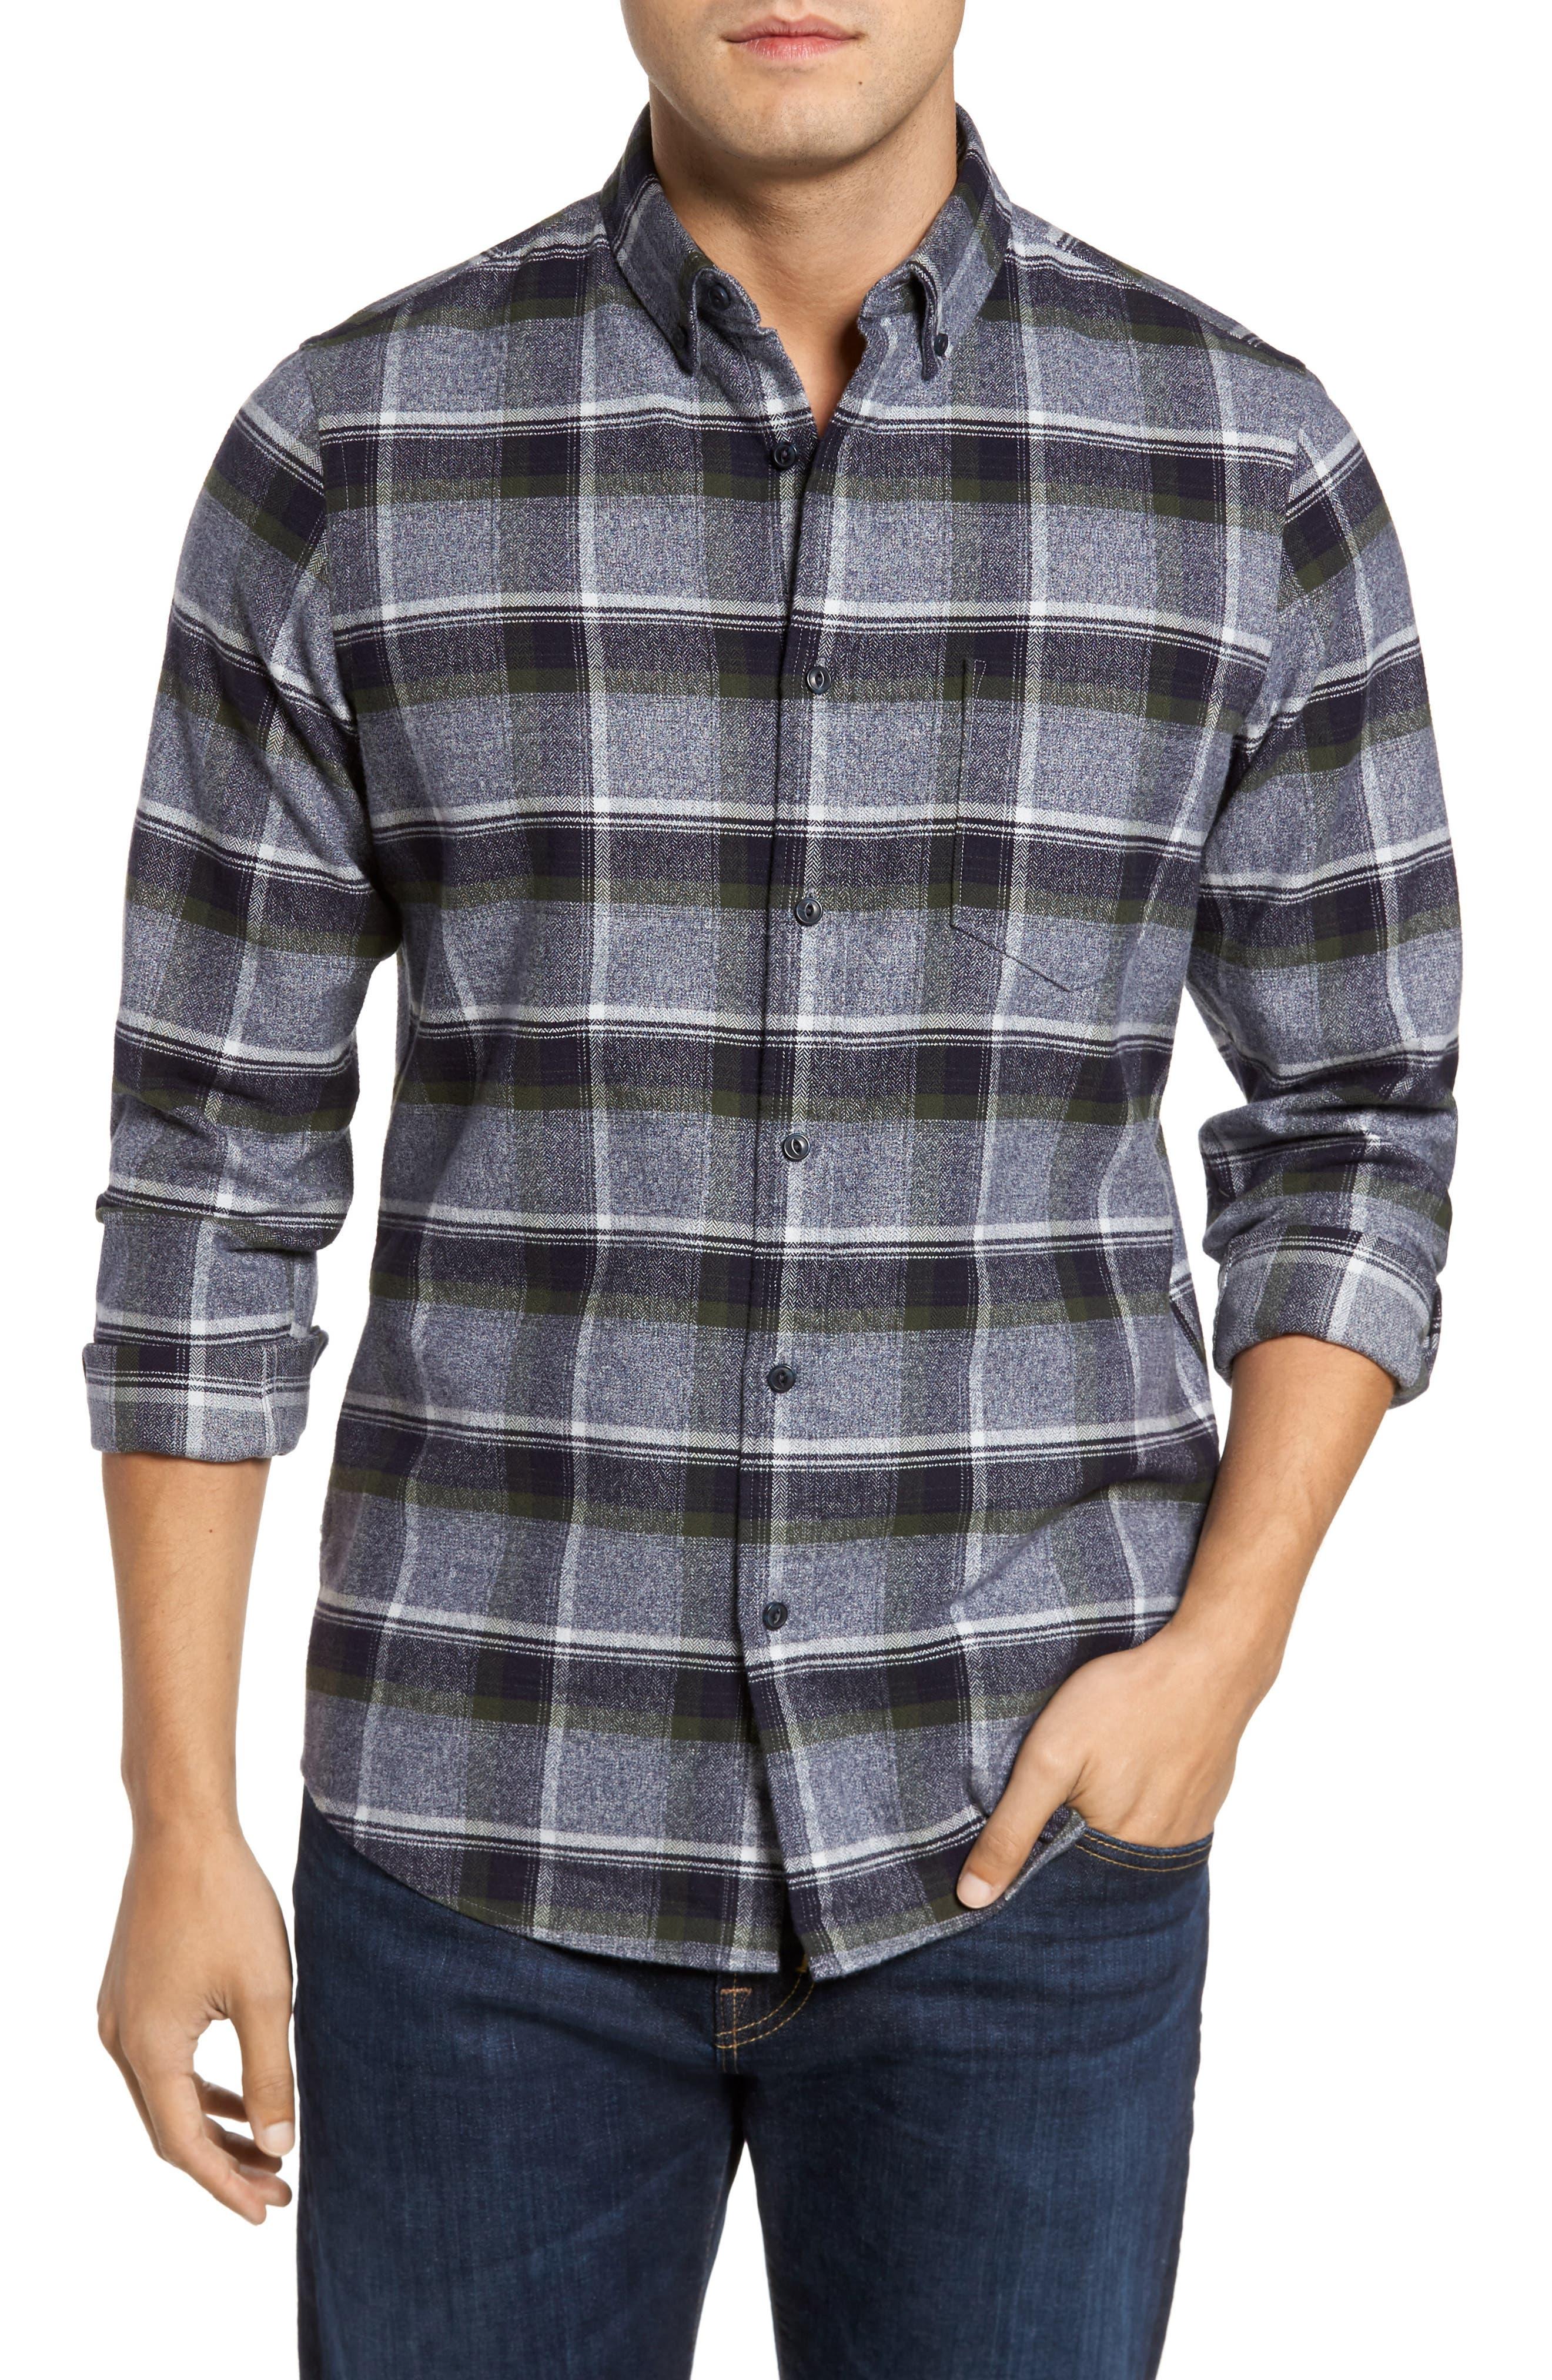 Nordstrom Men's Shop Regular Fit Plaid Flannel Shirt